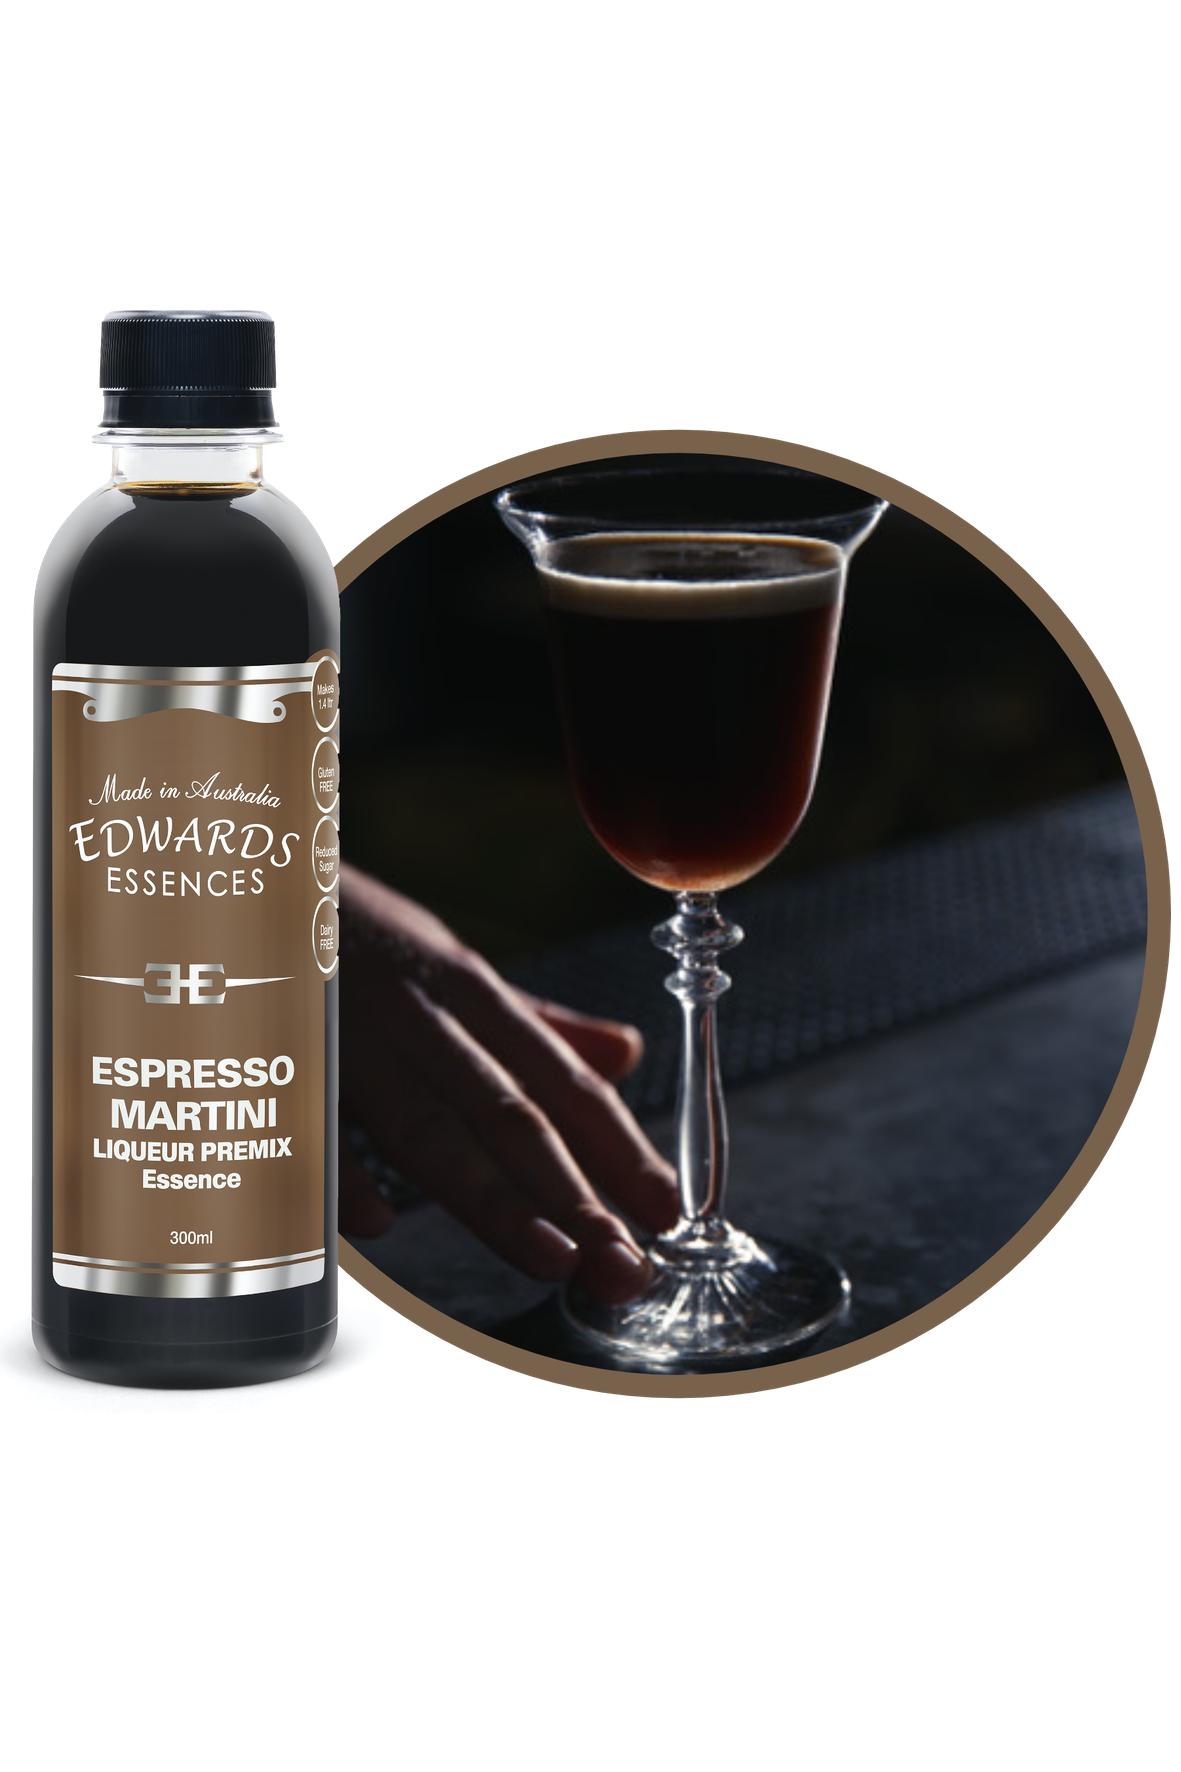 Espresso Martini Premix